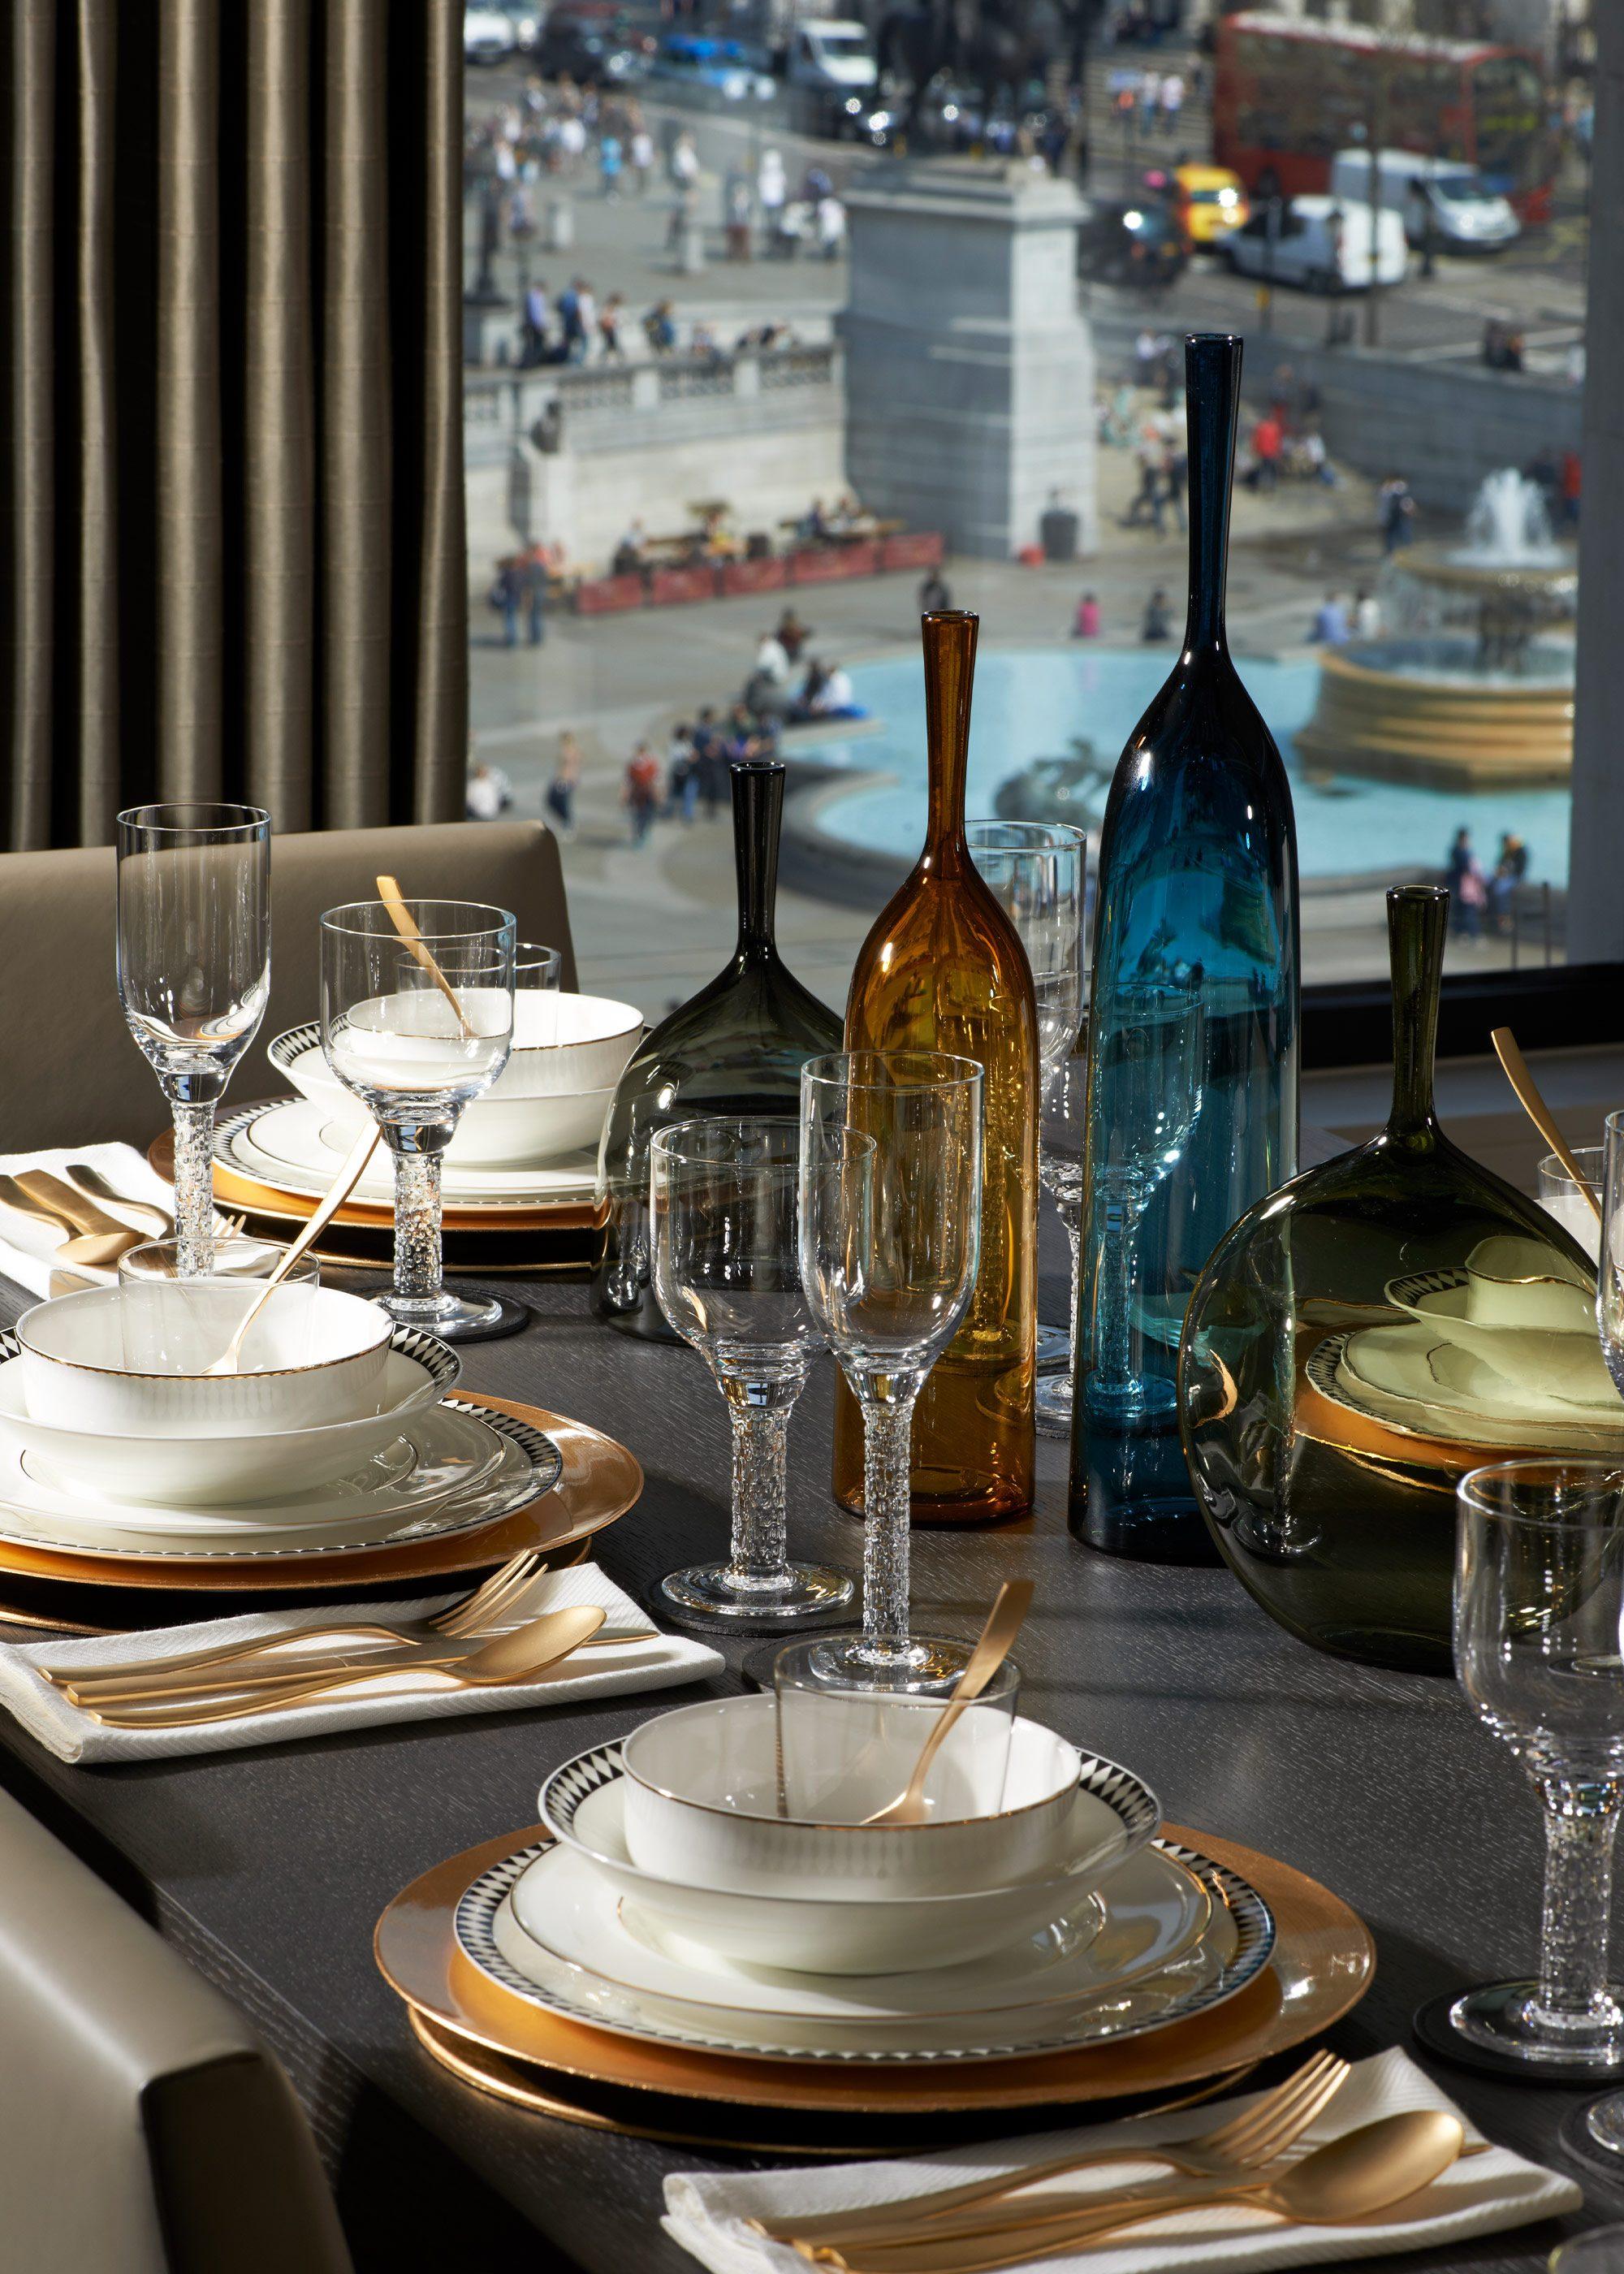 Honky Interior Design Trafalgar Square London Dining Room Detail